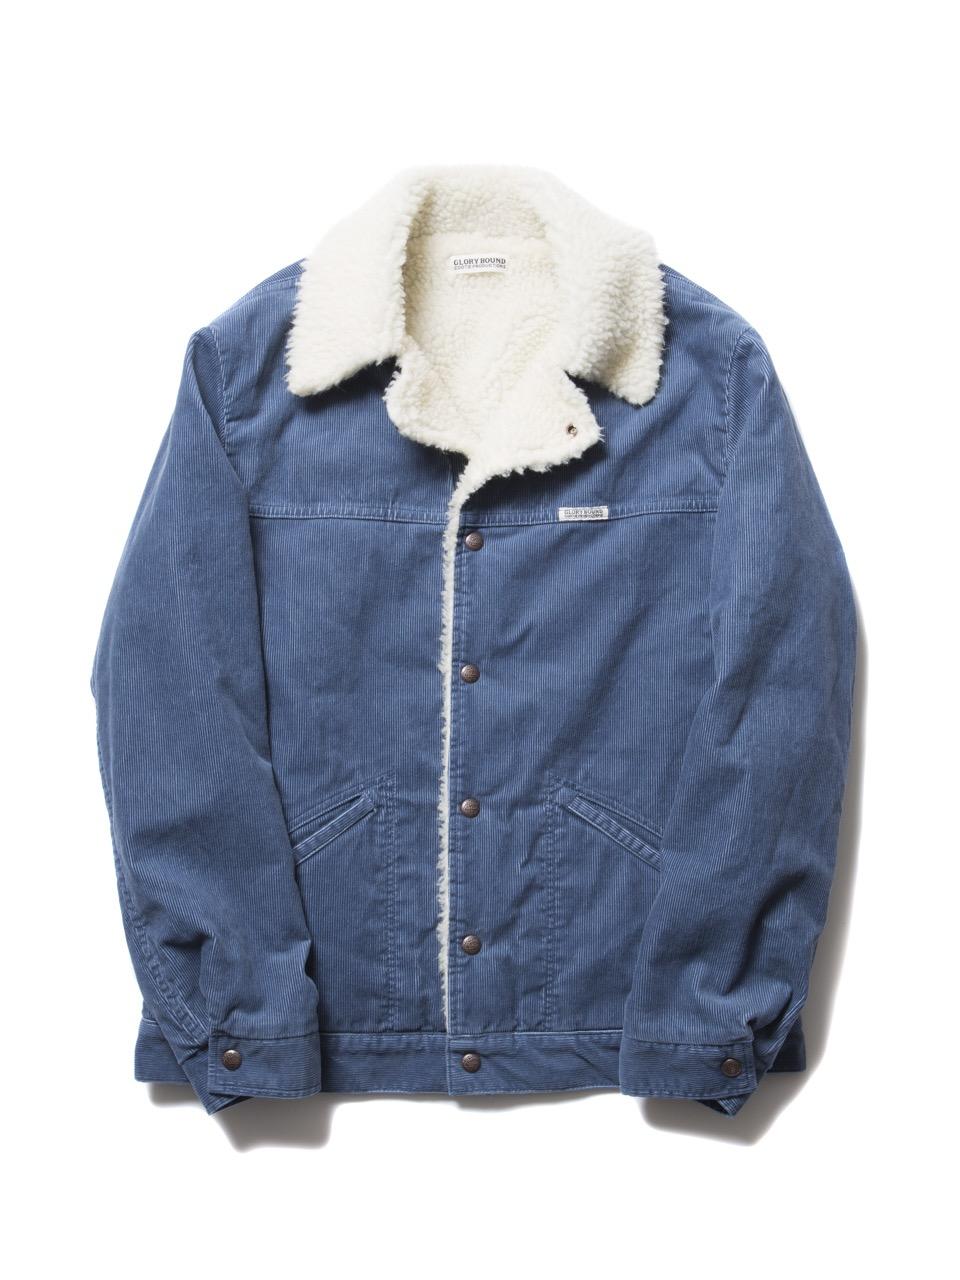 COOTIE Corduroy Cattleman Jacket